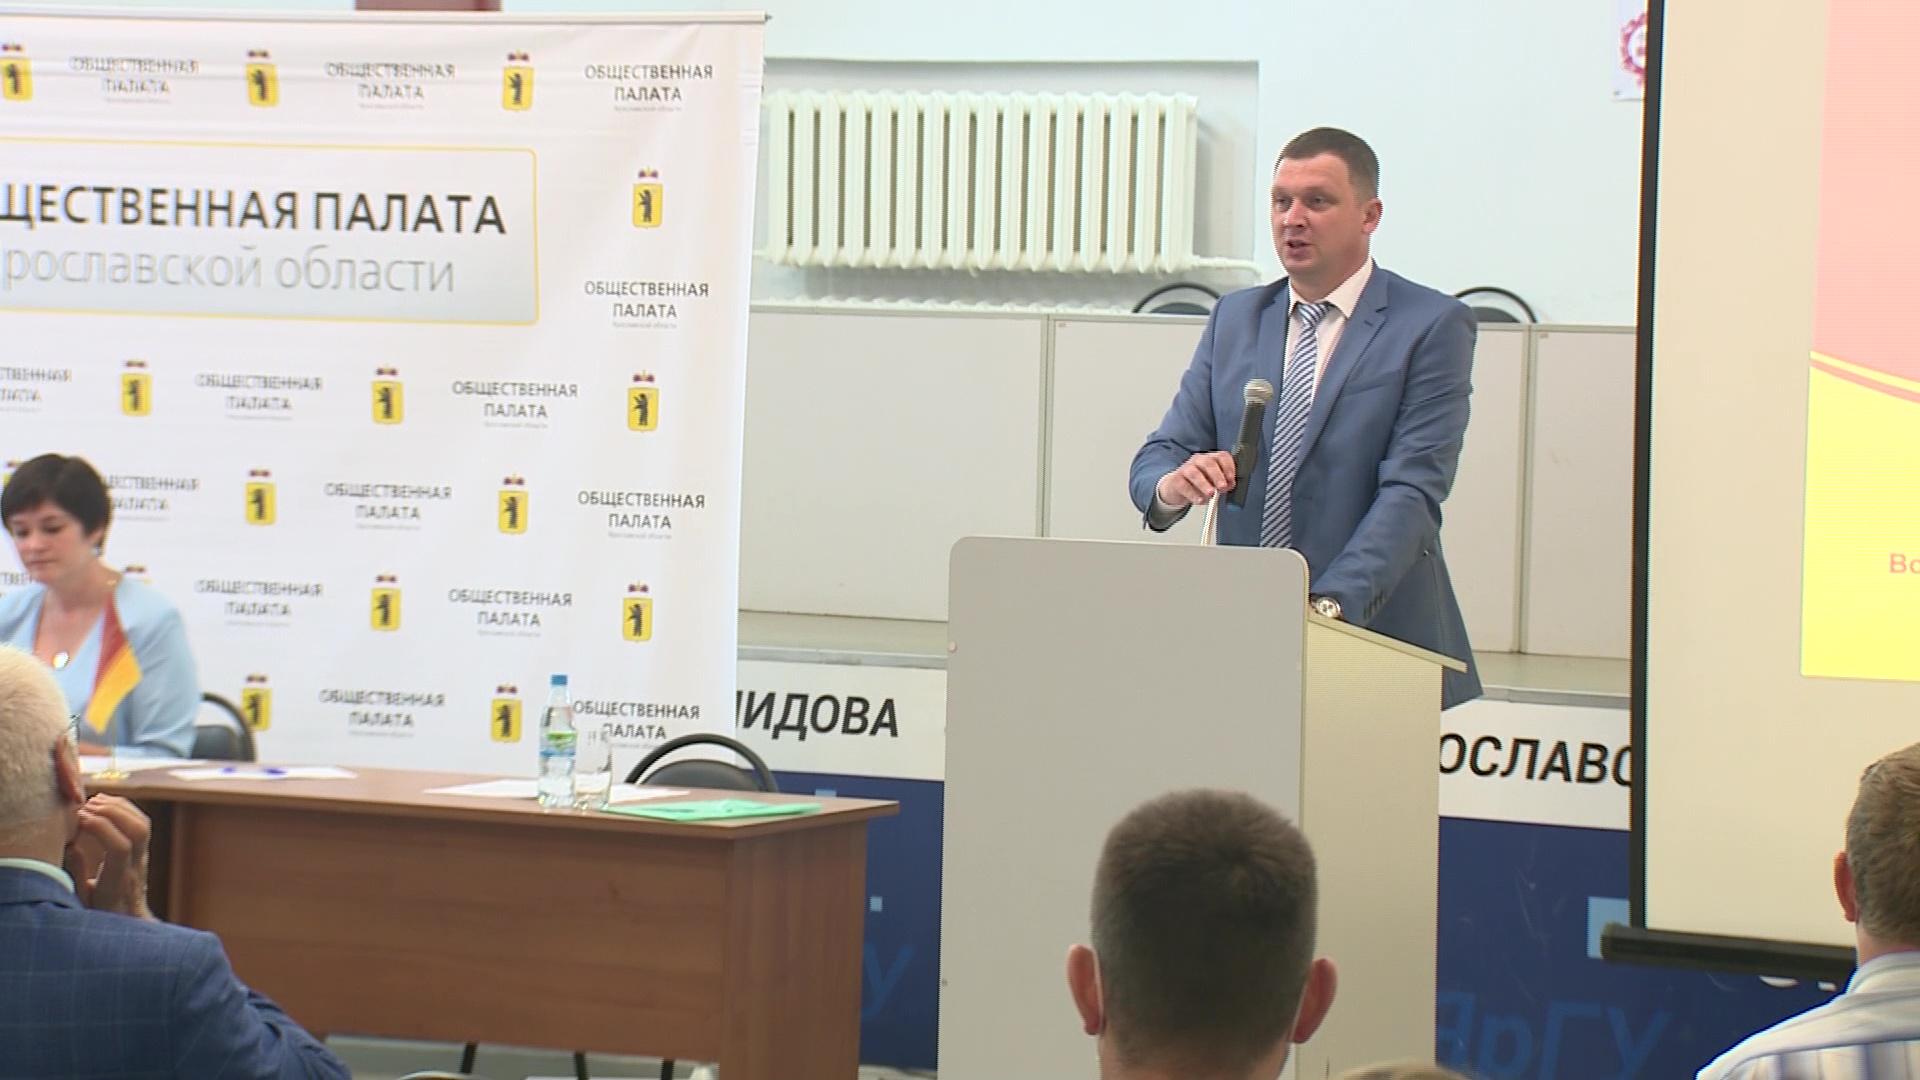 Общественную палату Ярославской области возглавил Сергей Соловьев